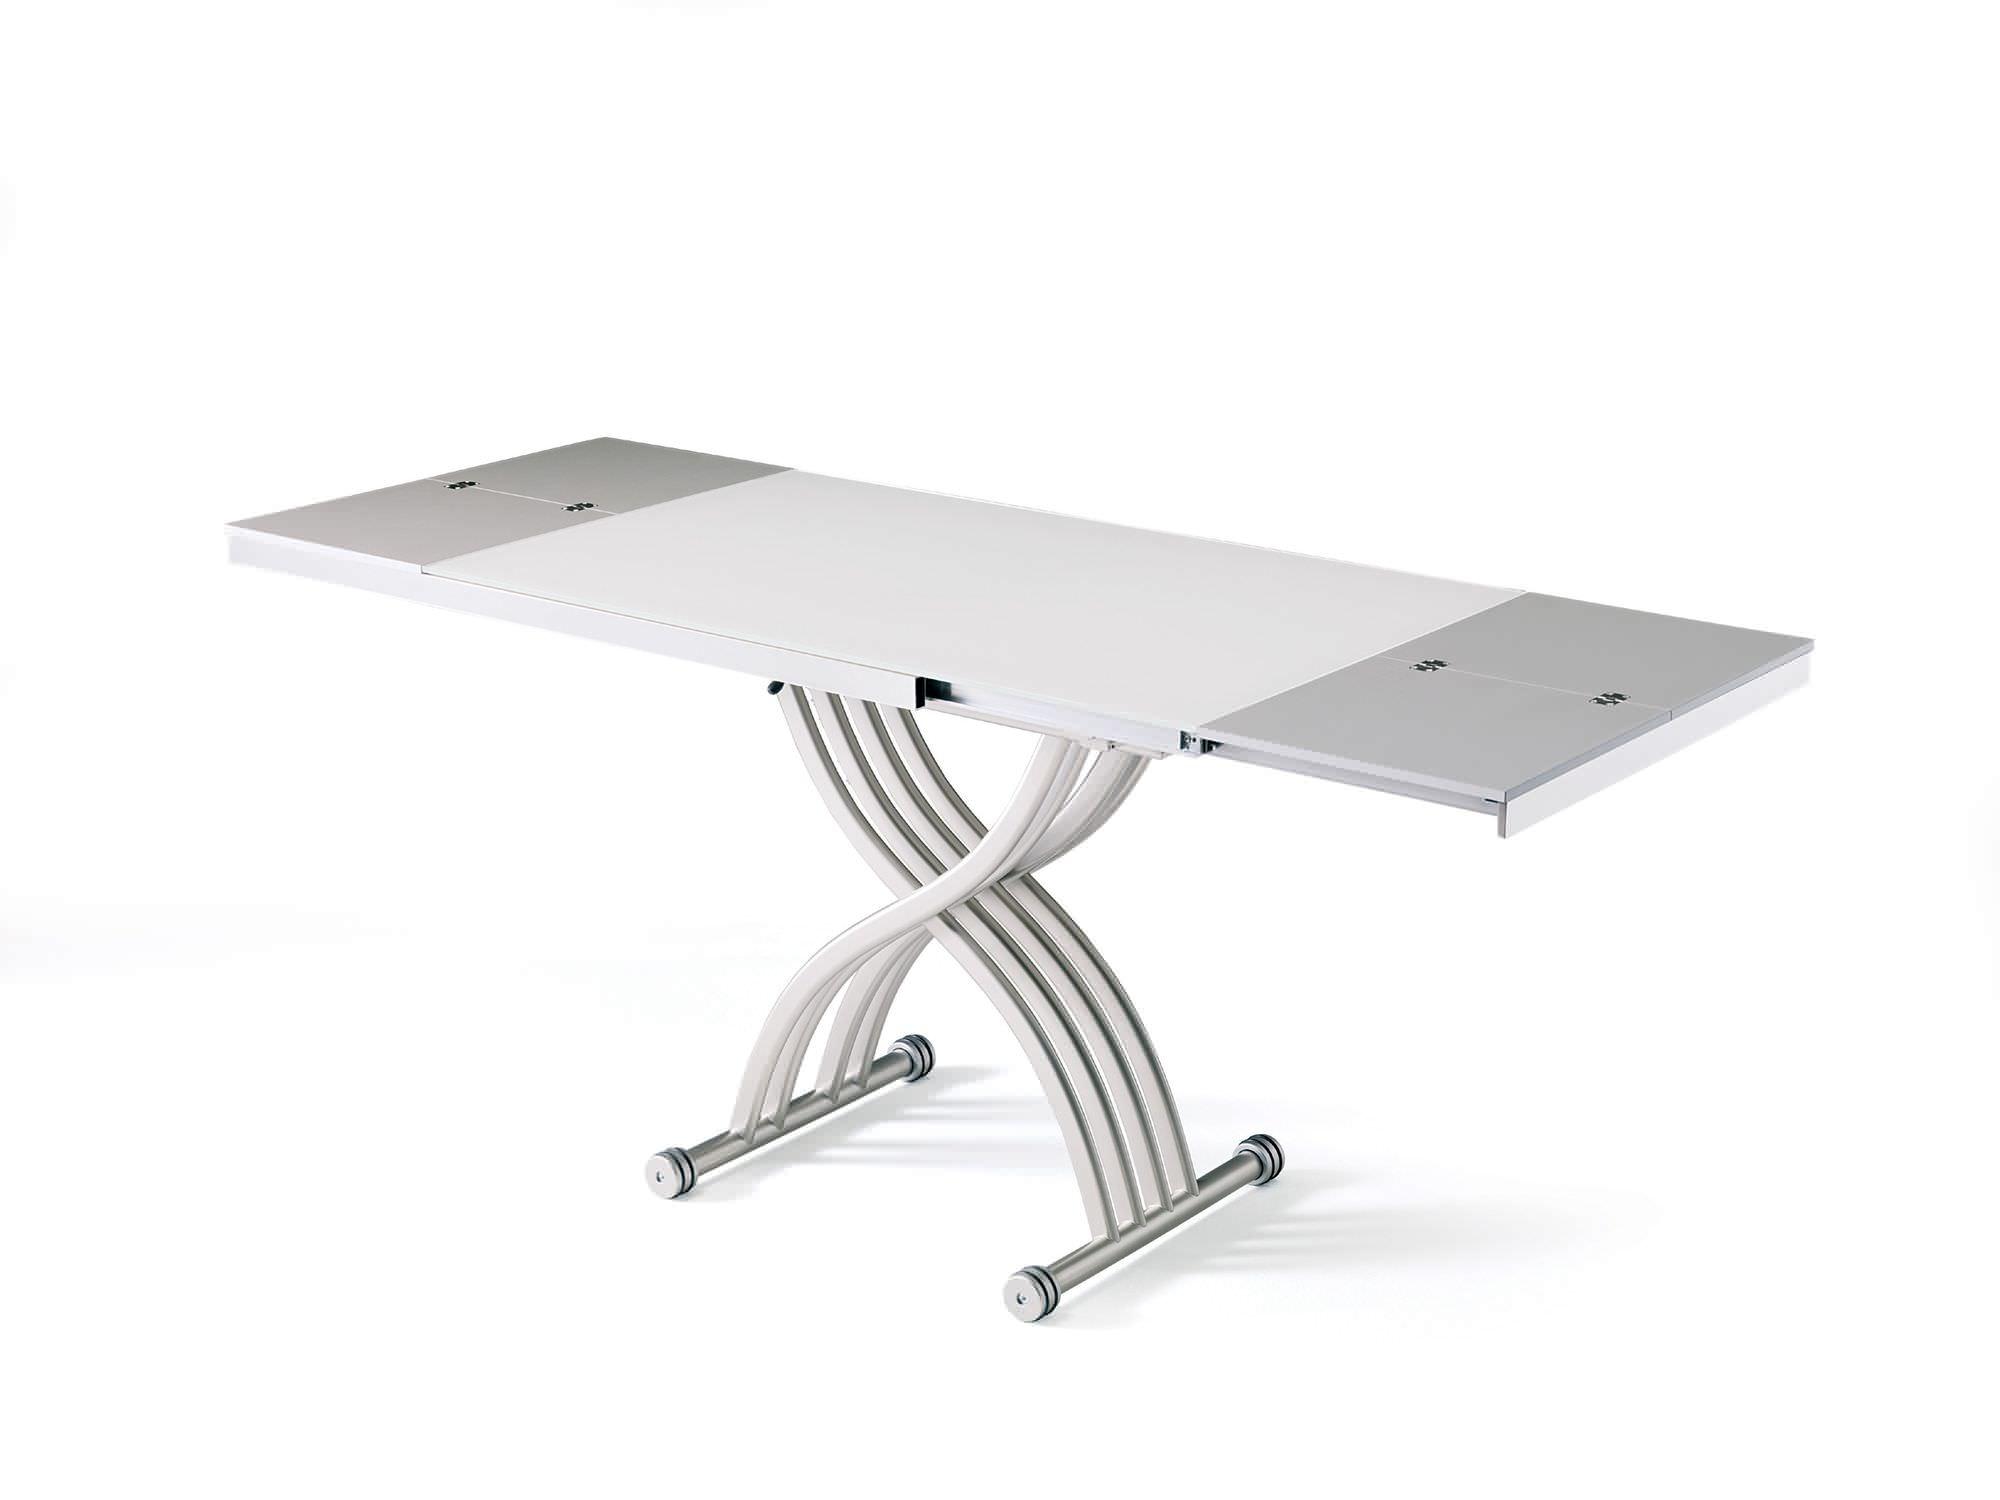 Tavoli in vetro e metallo: foto modelli e prezzi con offerte